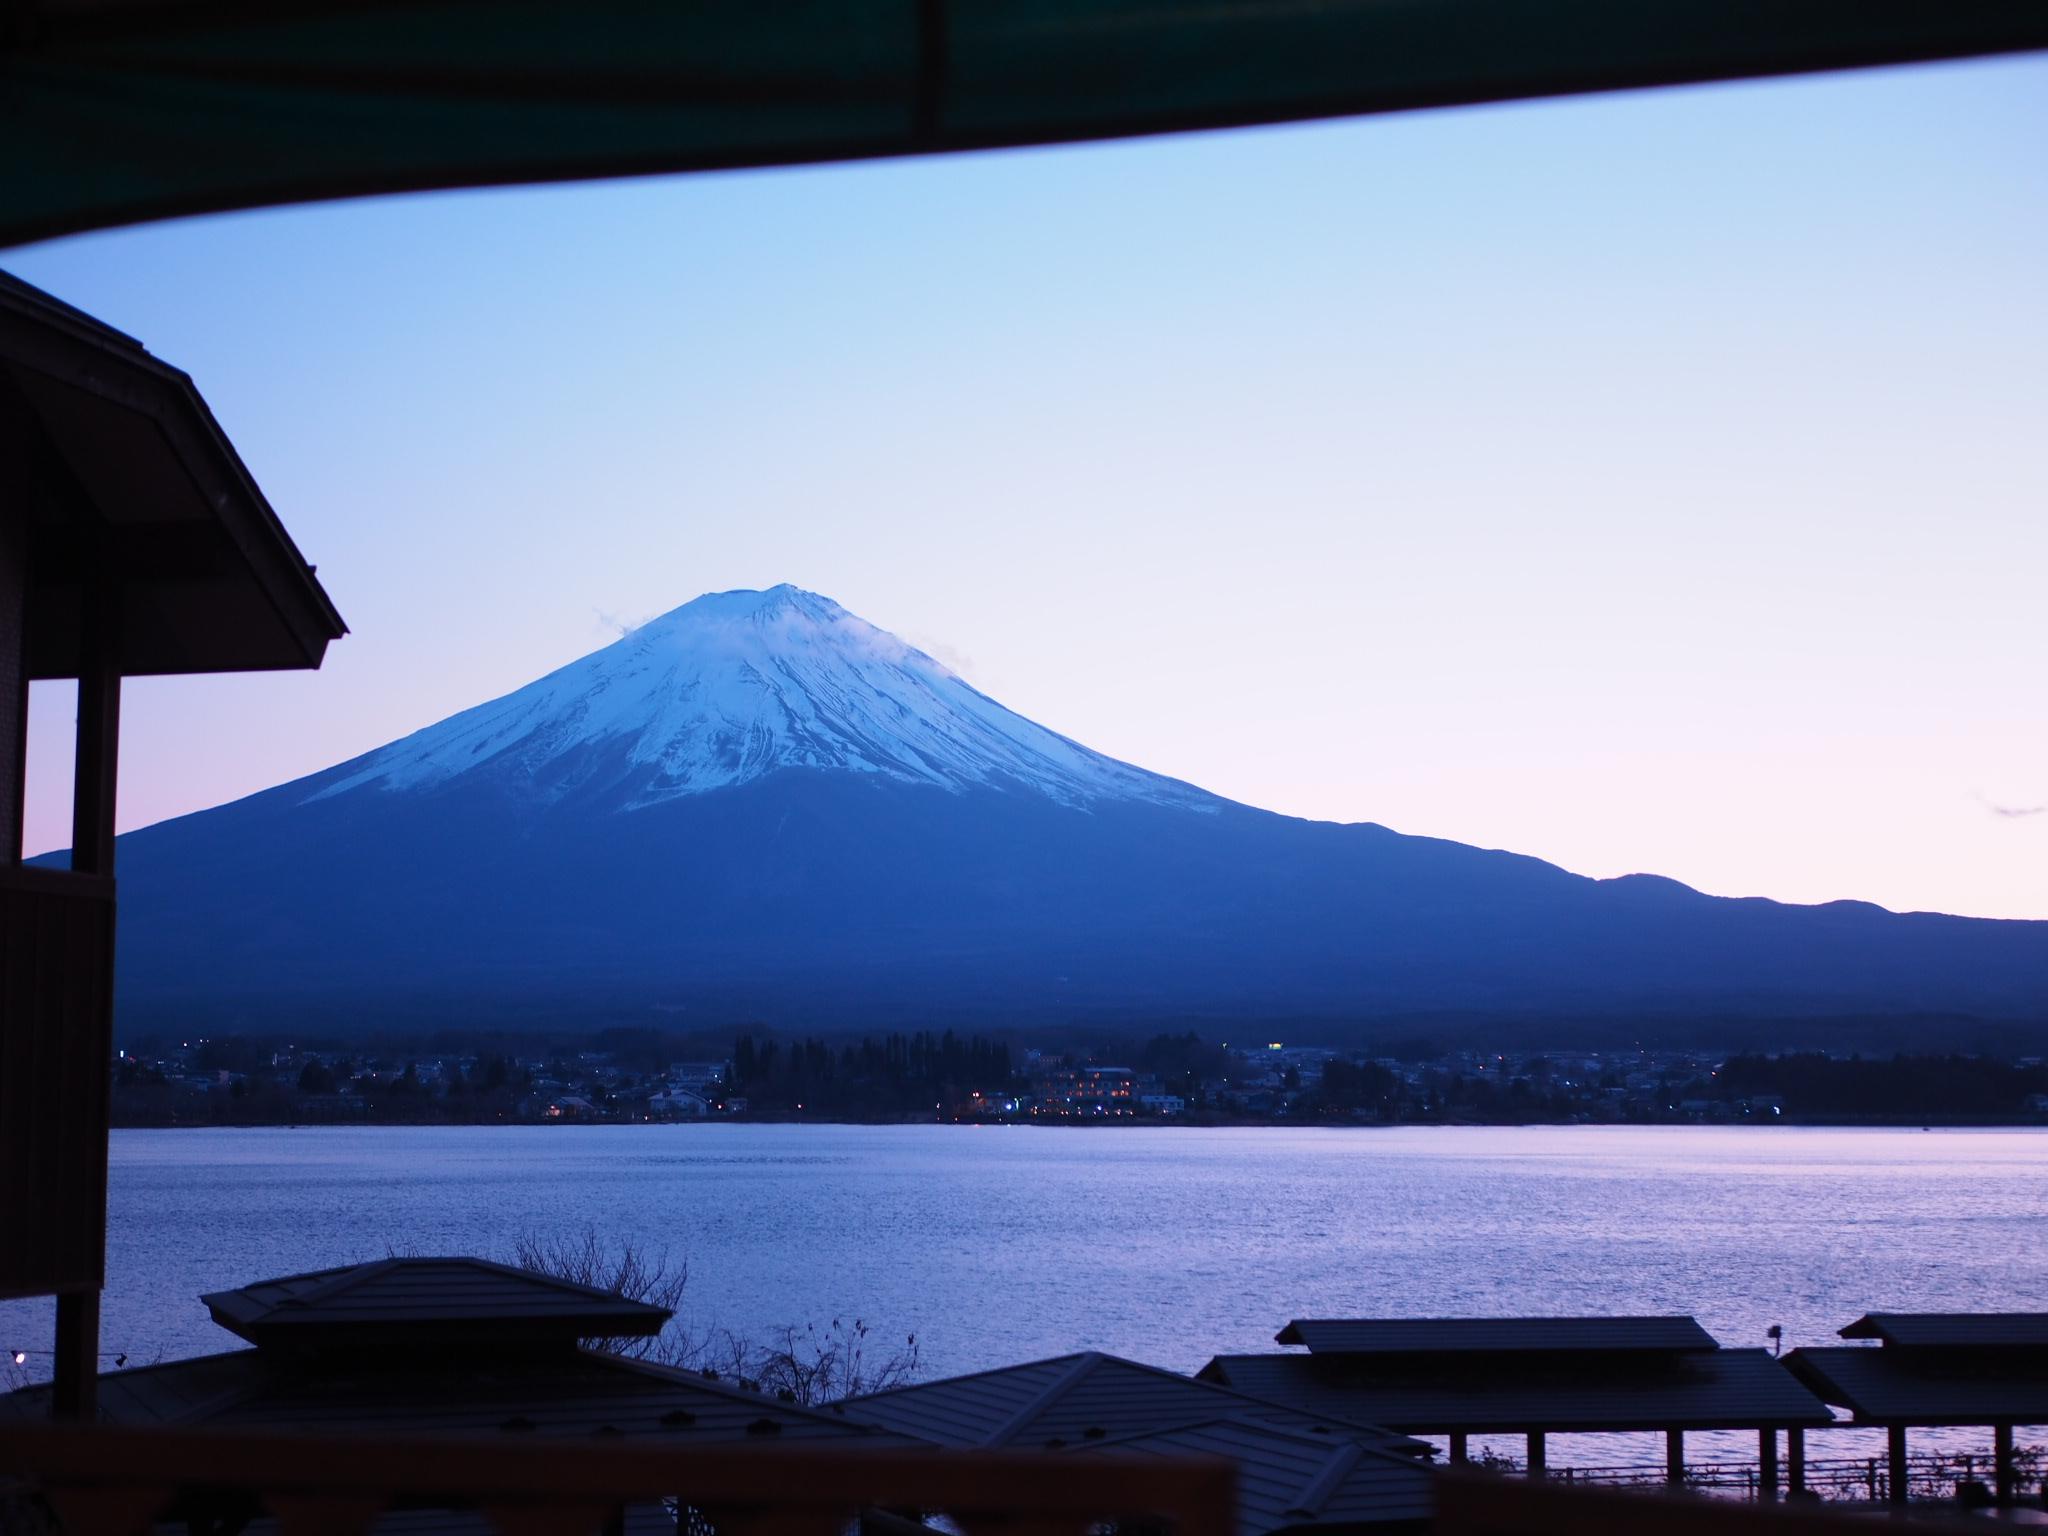 横須賀の古民家カフェで、まったりコーヒータイム♪ 河口湖のペンションへ一泊旅行【今週のモアハピ部人気ランキング】_3_2